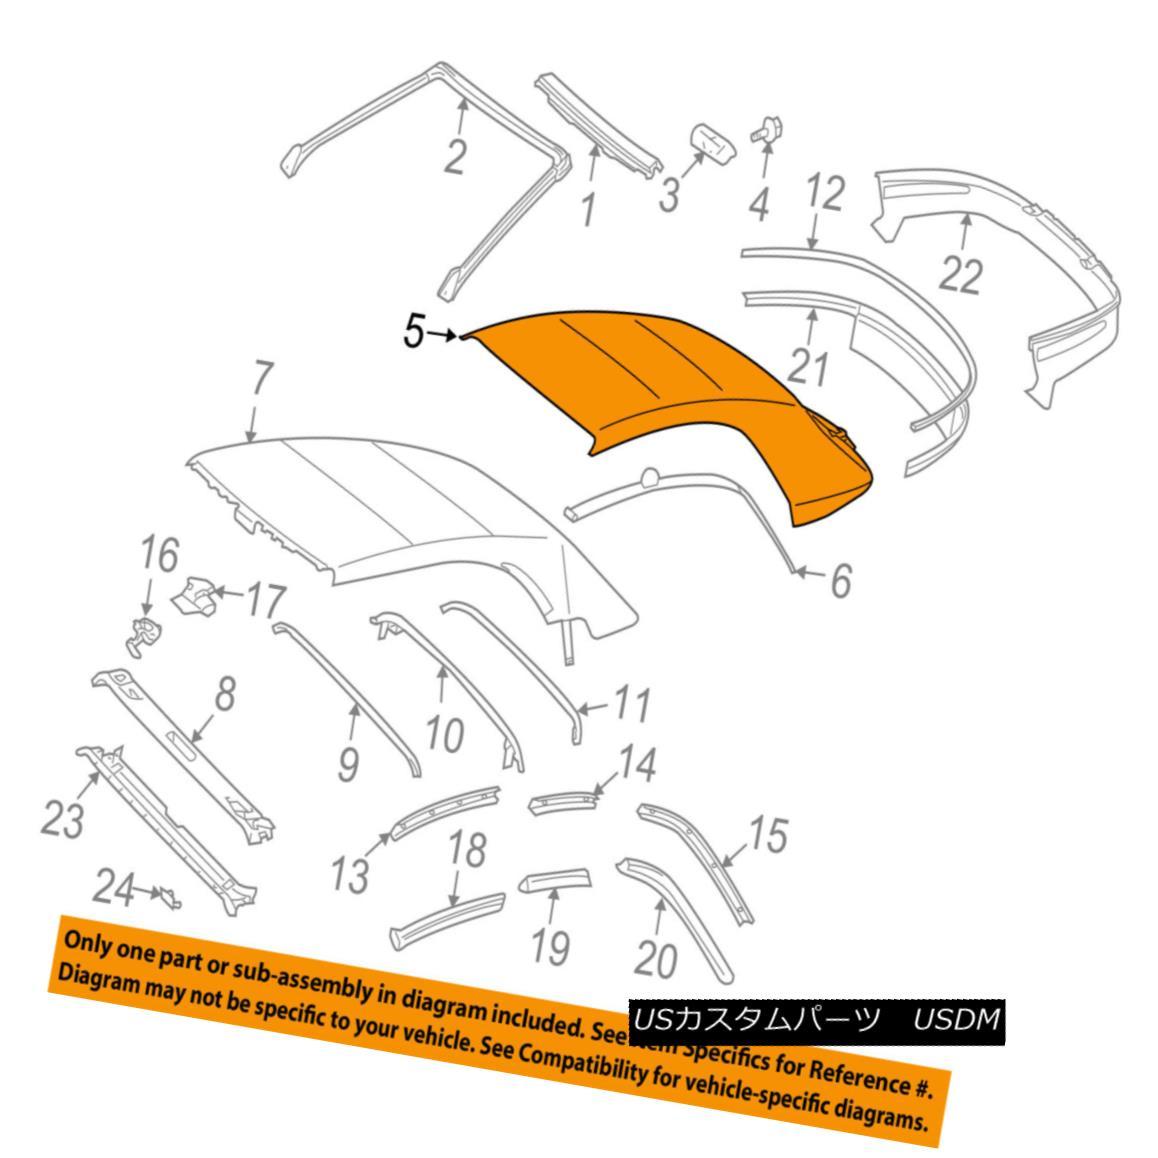 幌・ソフトトップ TOYOTA OEM 04-08 Solara Convertible/soft Top-Top Cover 6591106012C0 TOYOTA OEM 04-08ソーララ・コンバーチブル/ so ftトップ・トップ・カバー6591106012C0